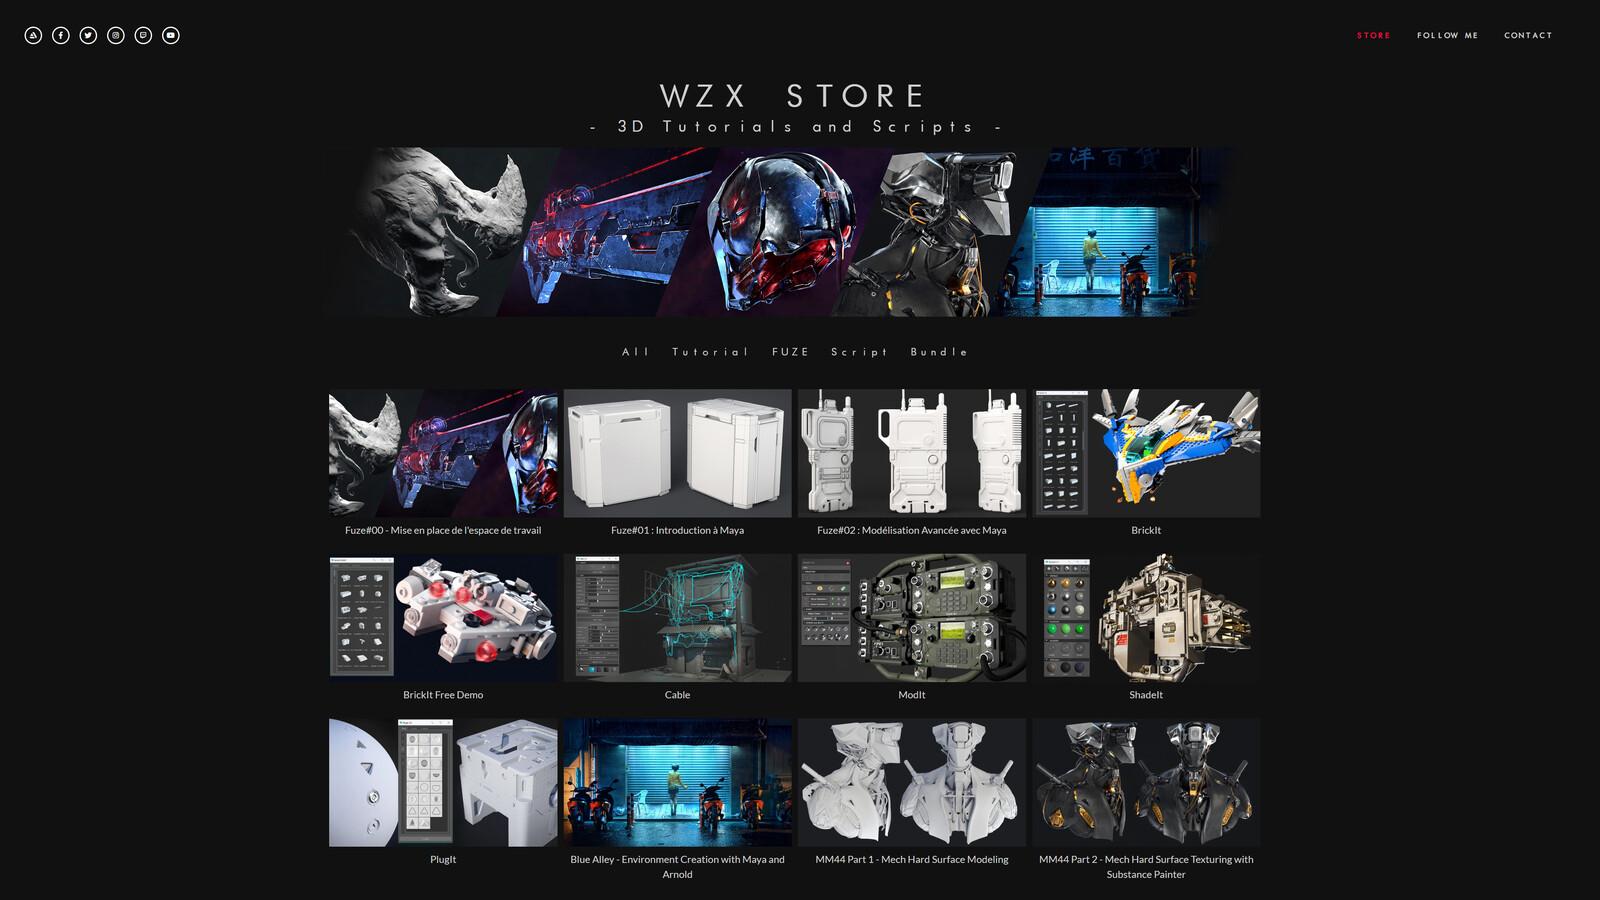 WZXStore